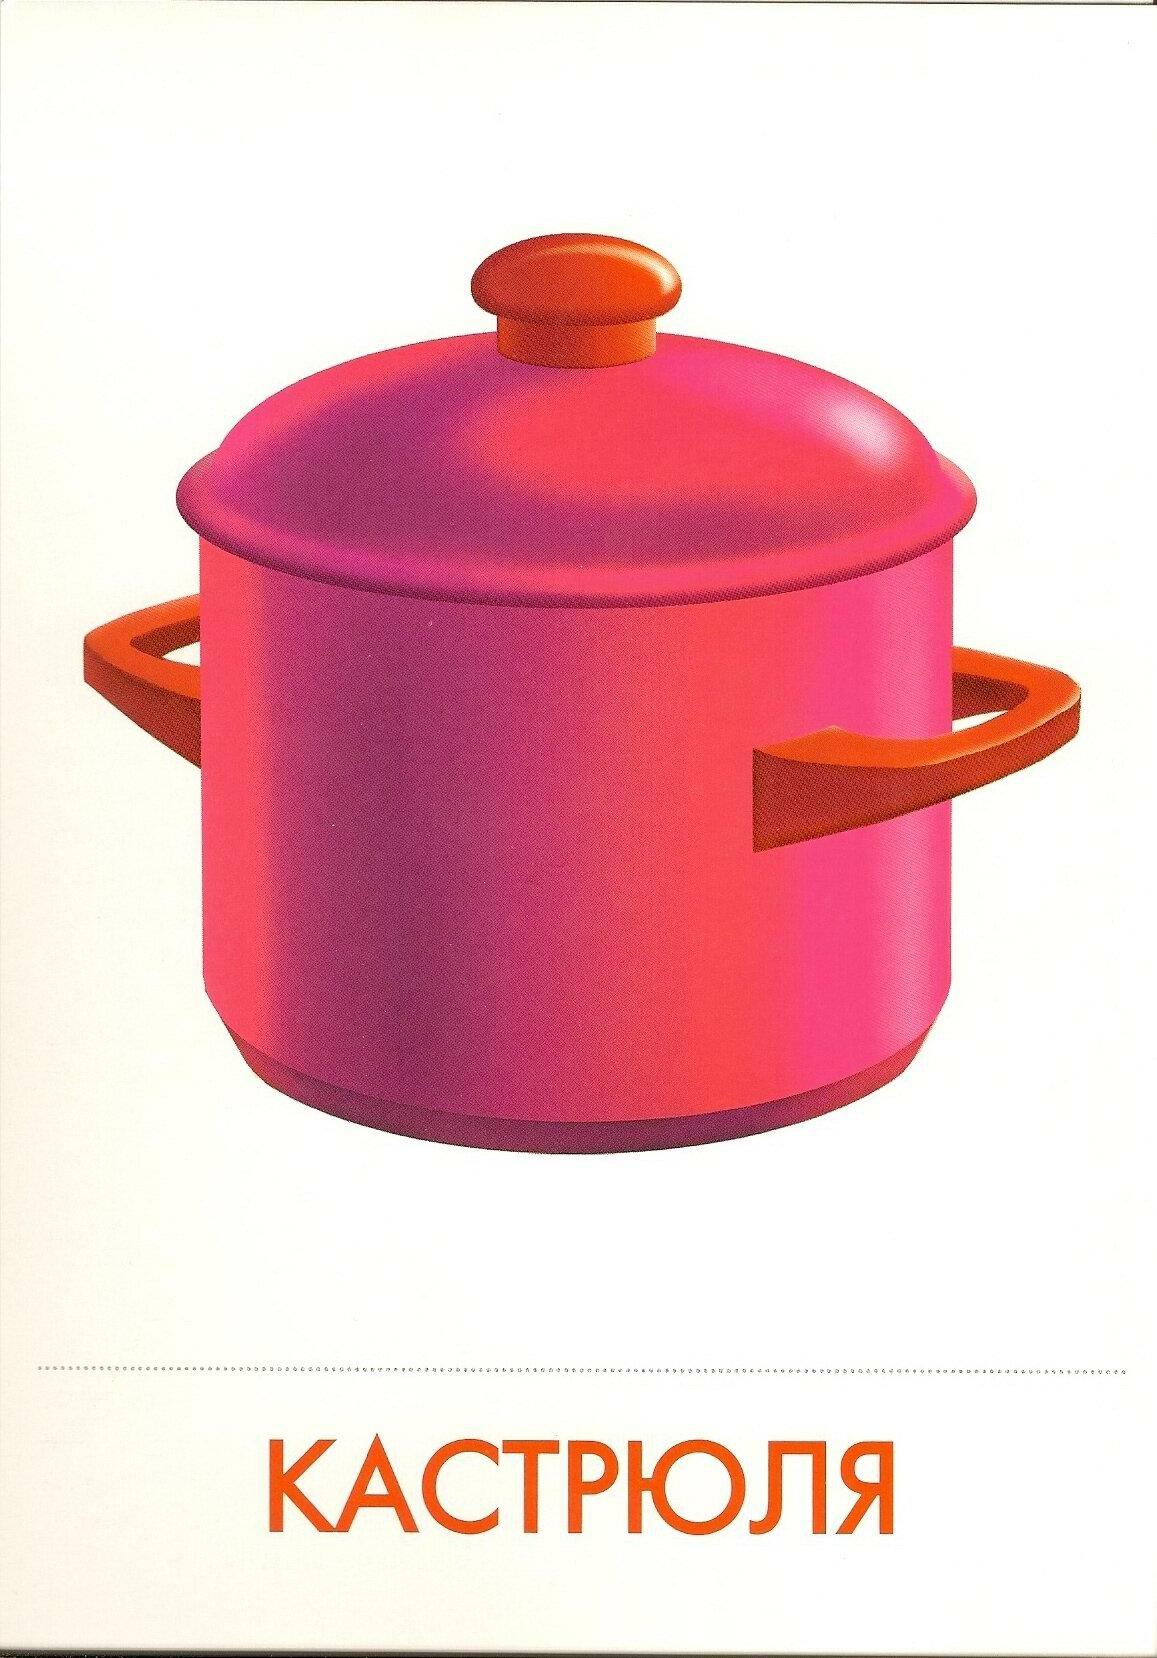 Праздничная посуда картинки для детей